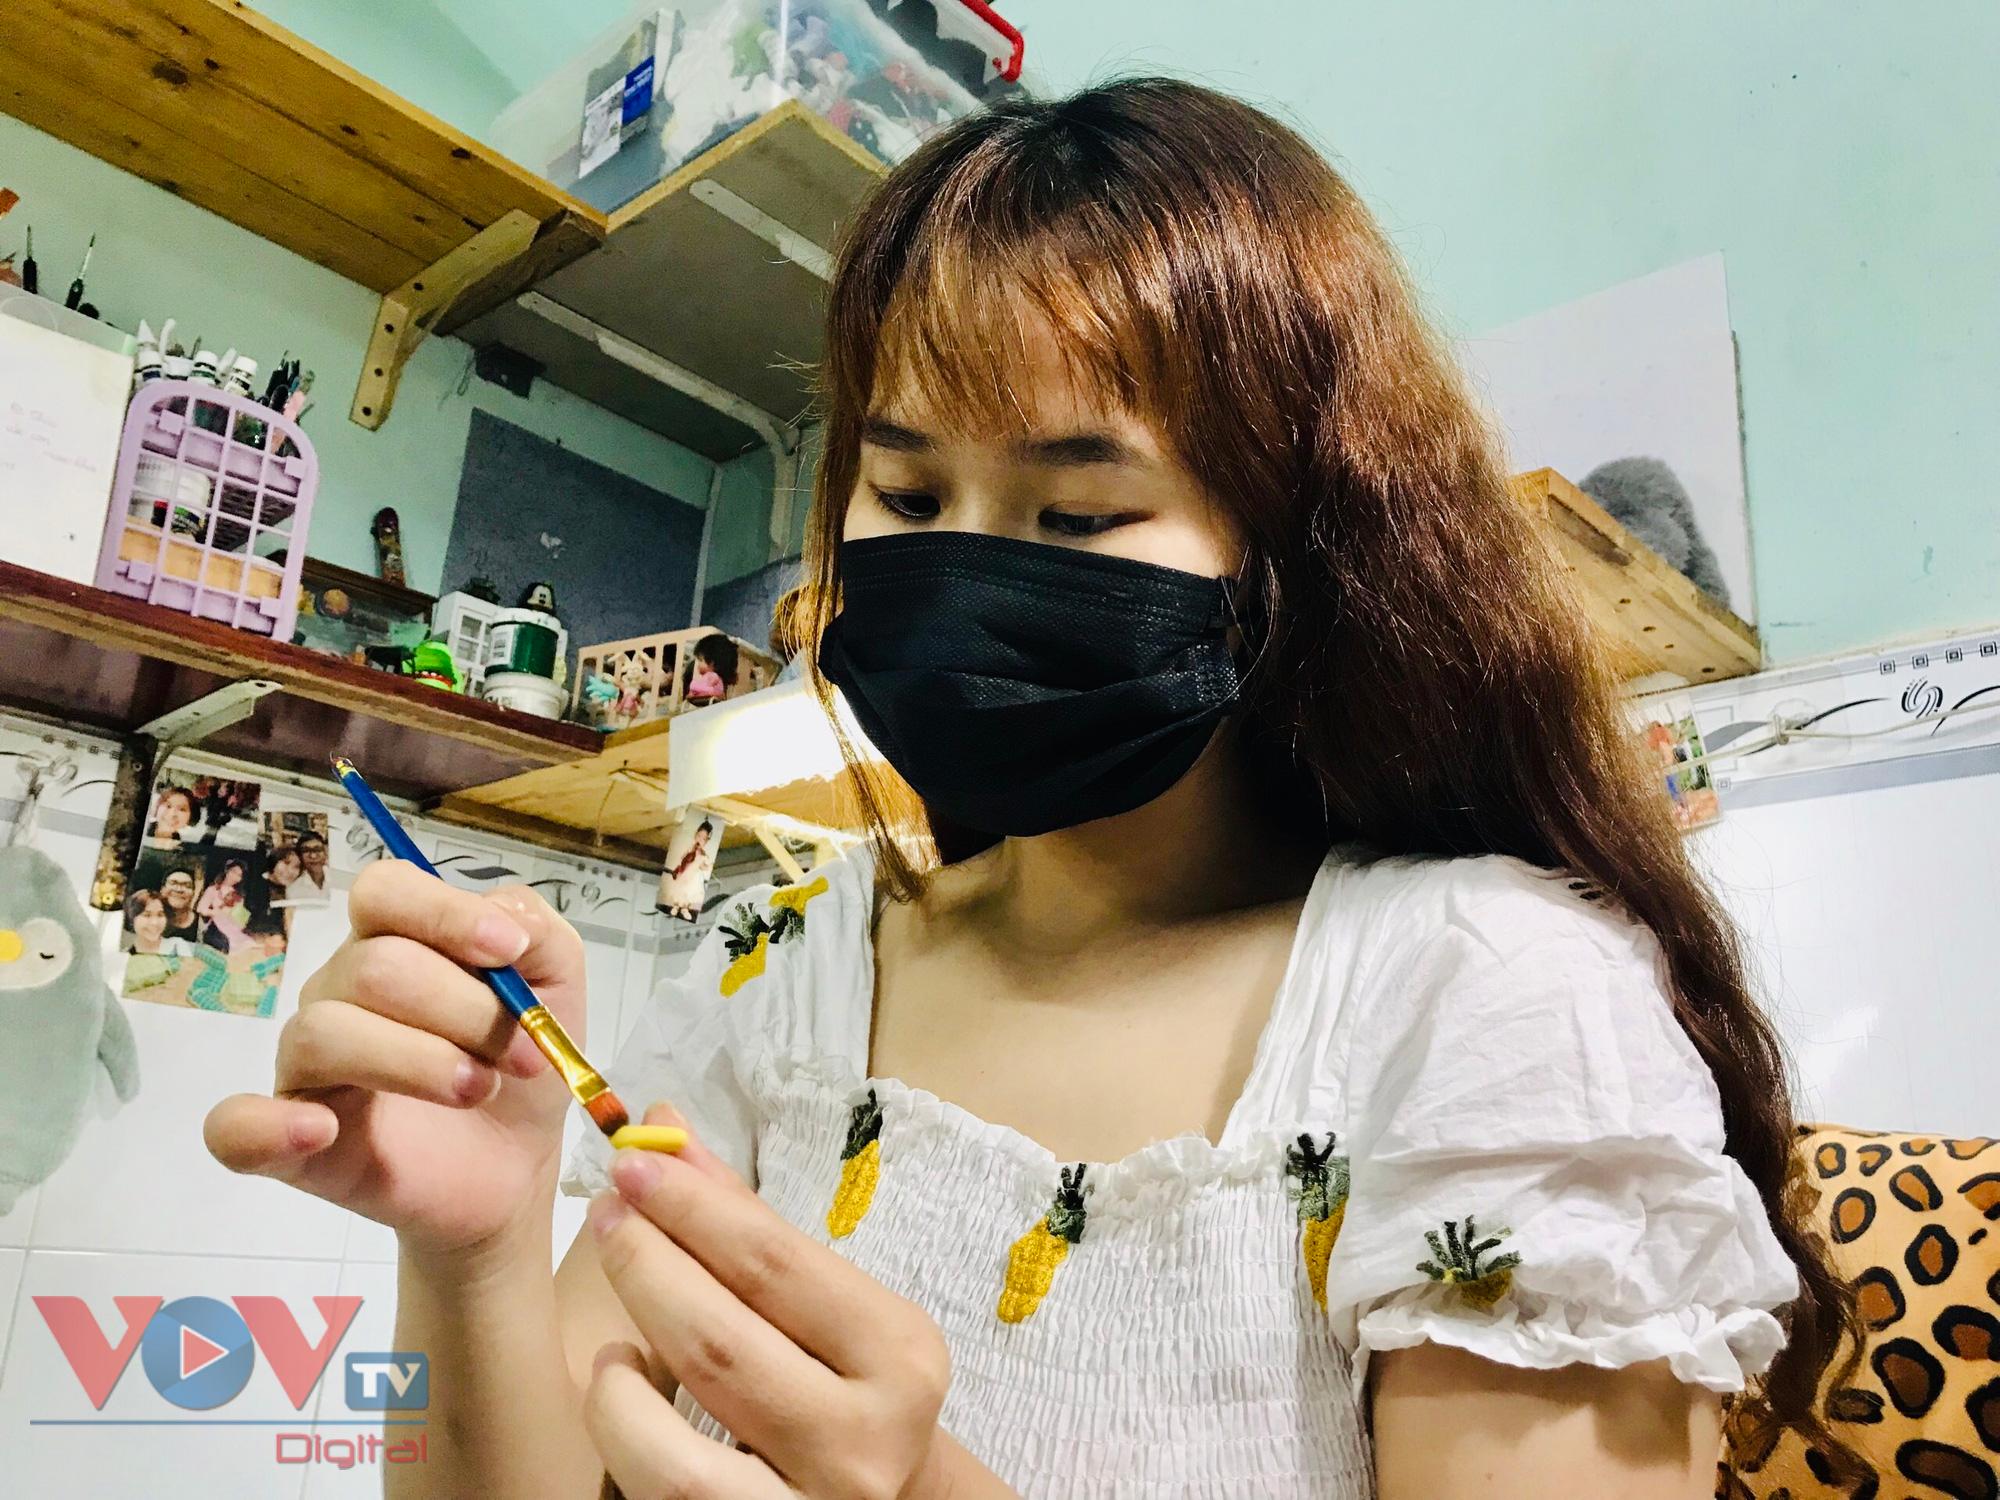 Chị Phạm Thùy Thanh Thảo tỉ mỉ trong từng sản phẩm.jpg